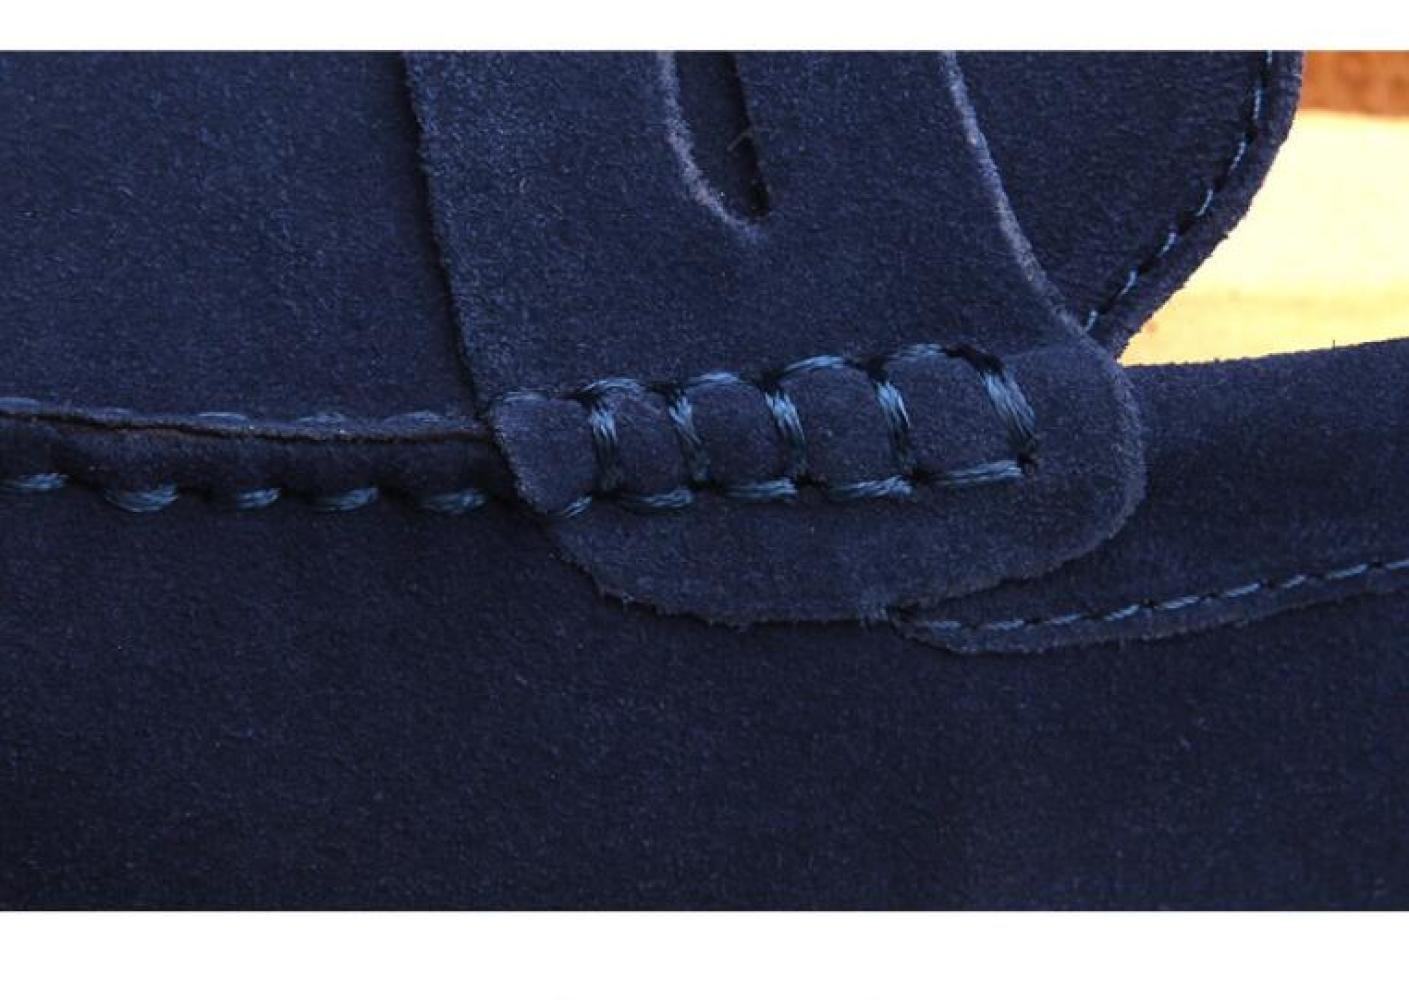 YXLONG Frühling und Sommer Neue Neue Neue Männer Leder Erbsen Schuhe Herrenschuhe Fuß Schuhe Britische Freizeitschuhe 8e6cbe